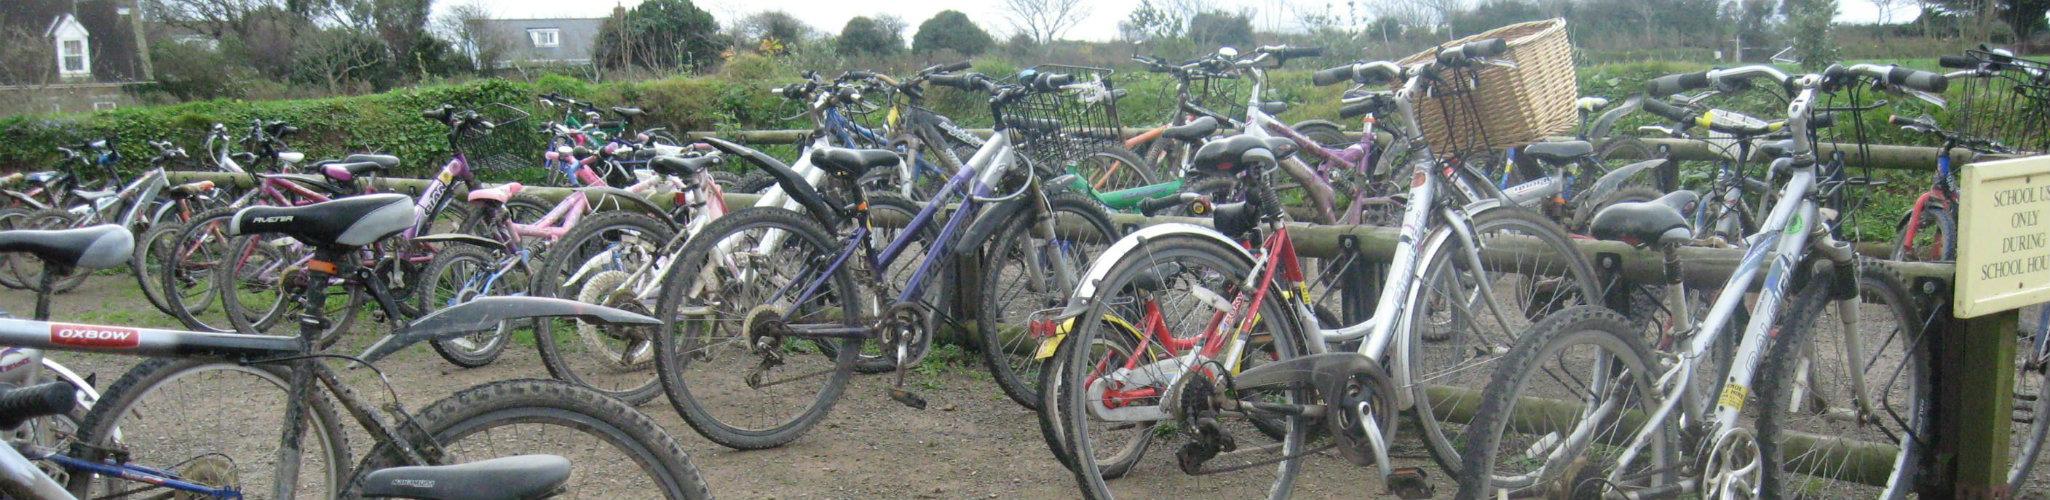 Bikes on sark.jpg